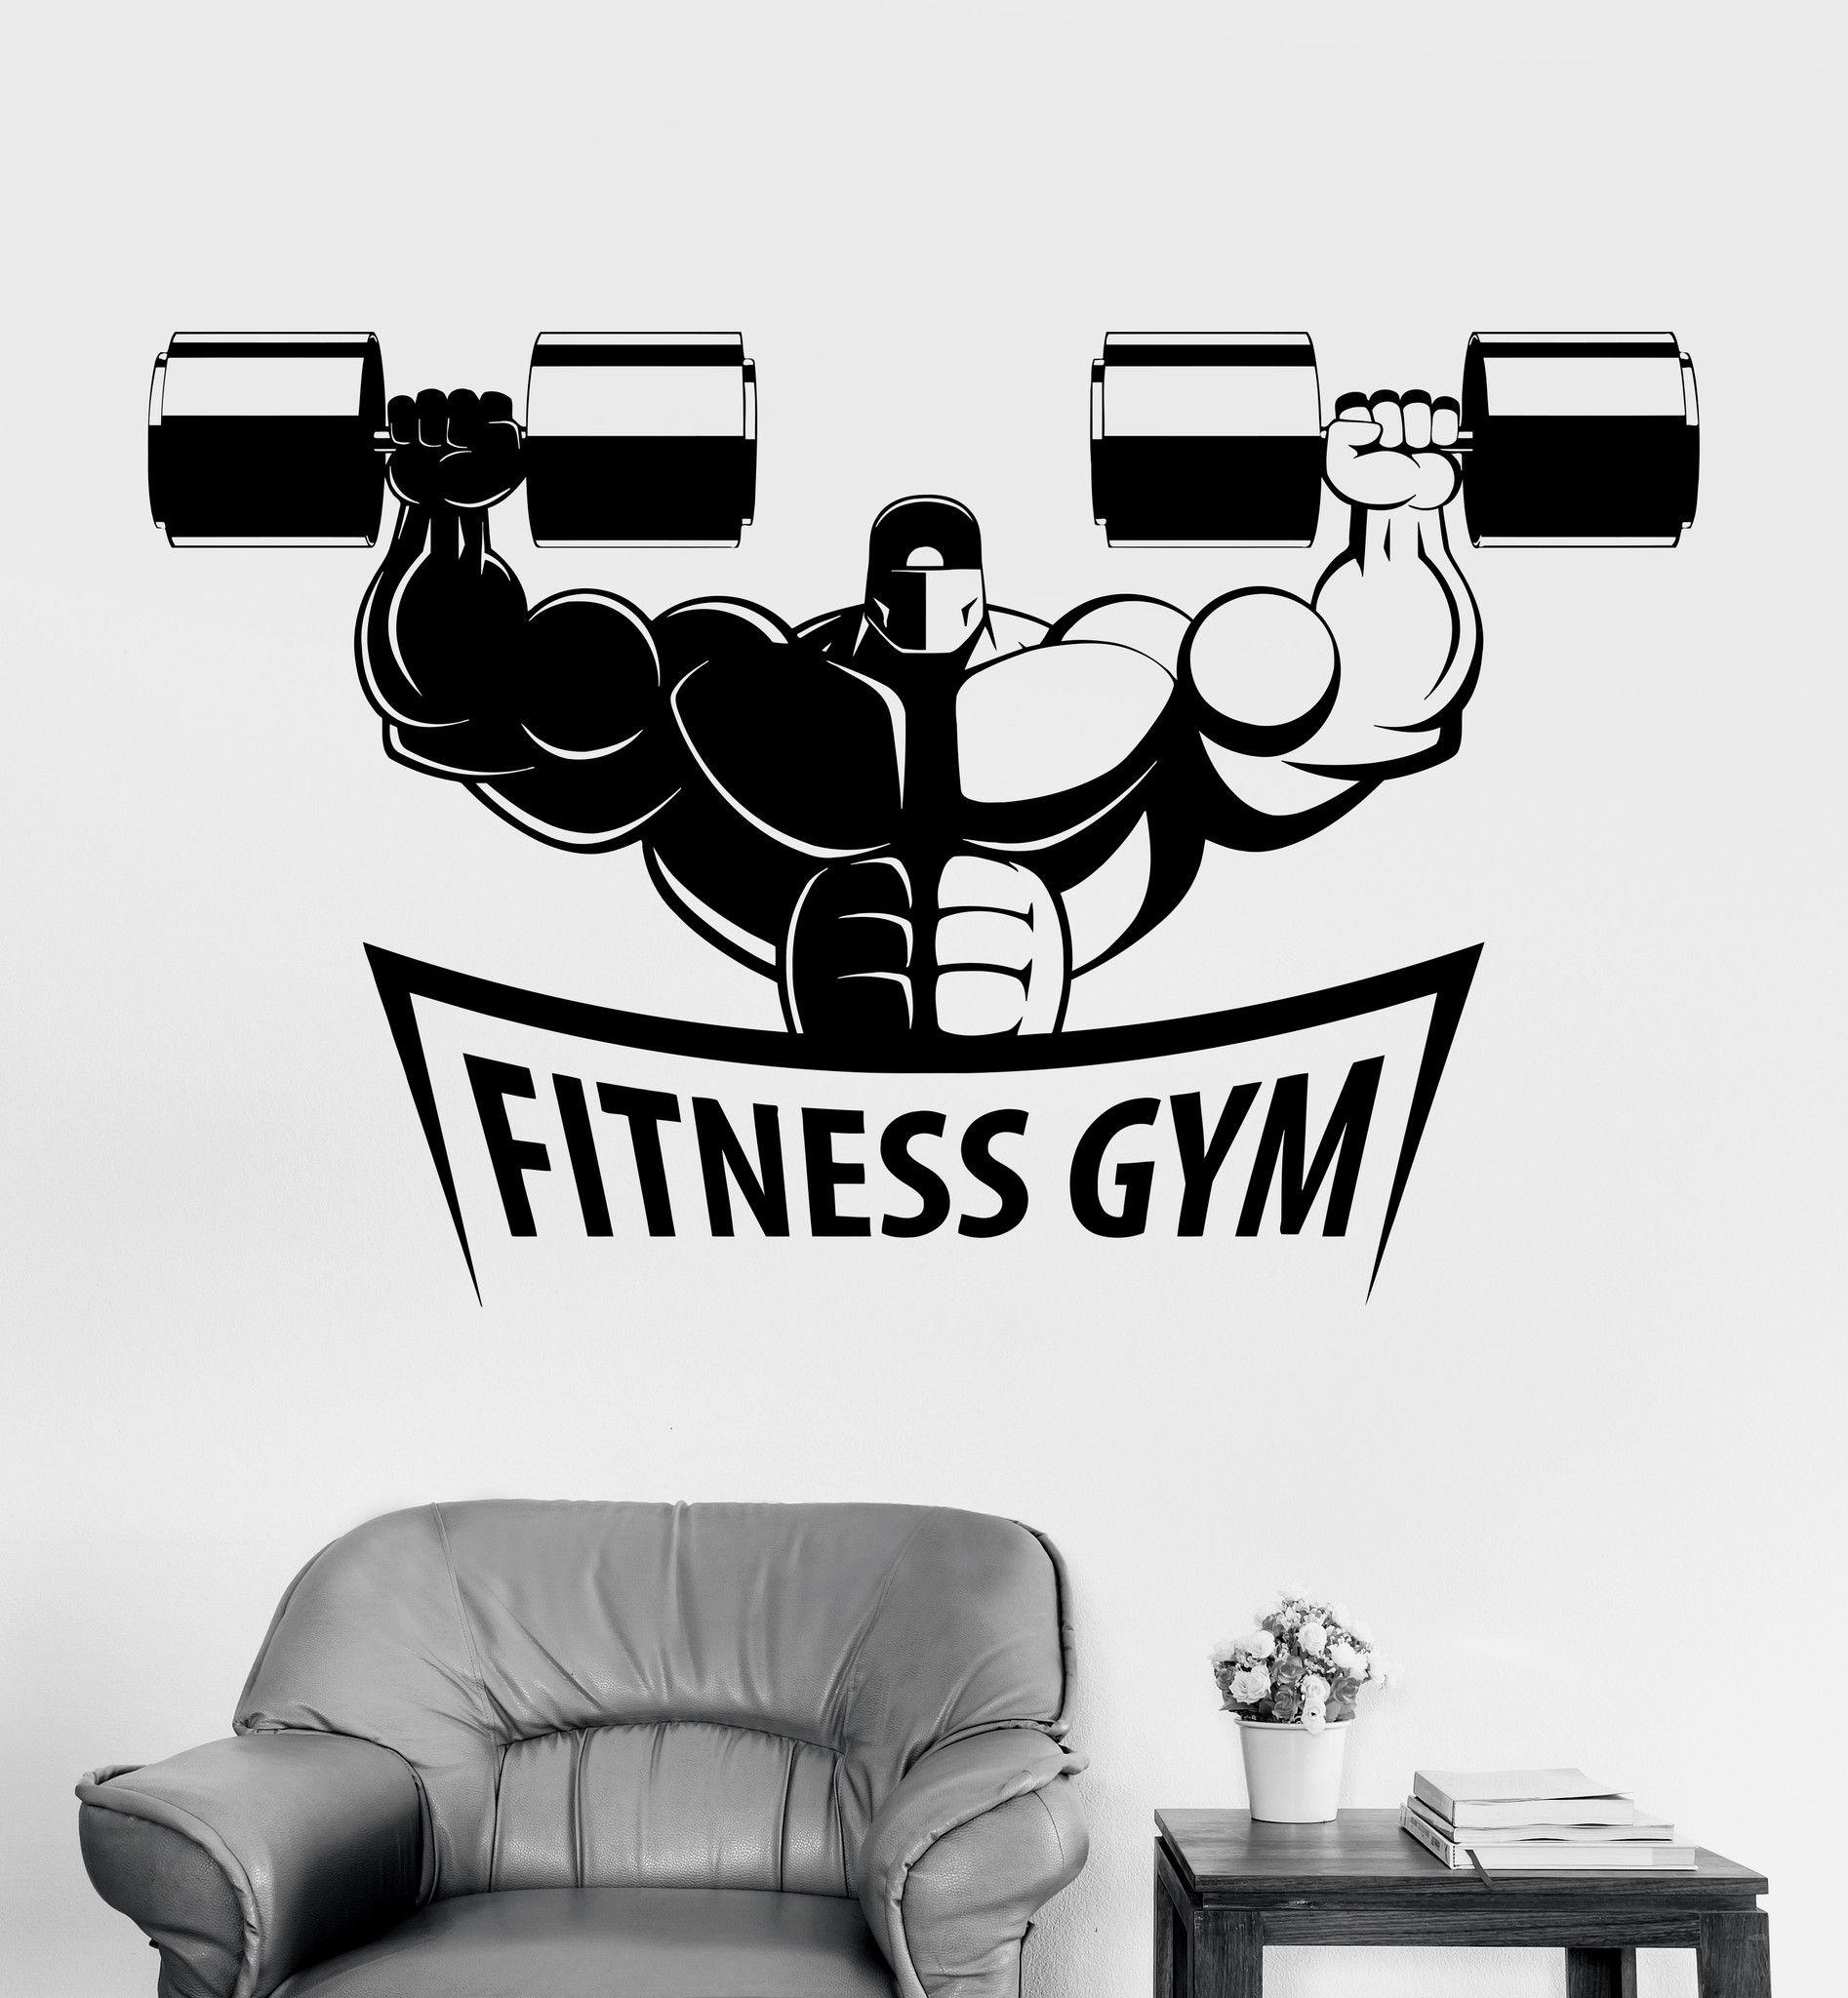 z2964 furniture stickers Home, Furniture & DIY Sticker Sport Bodybuilder Bodybuilding Weight Power Barbell Vinyl Decal